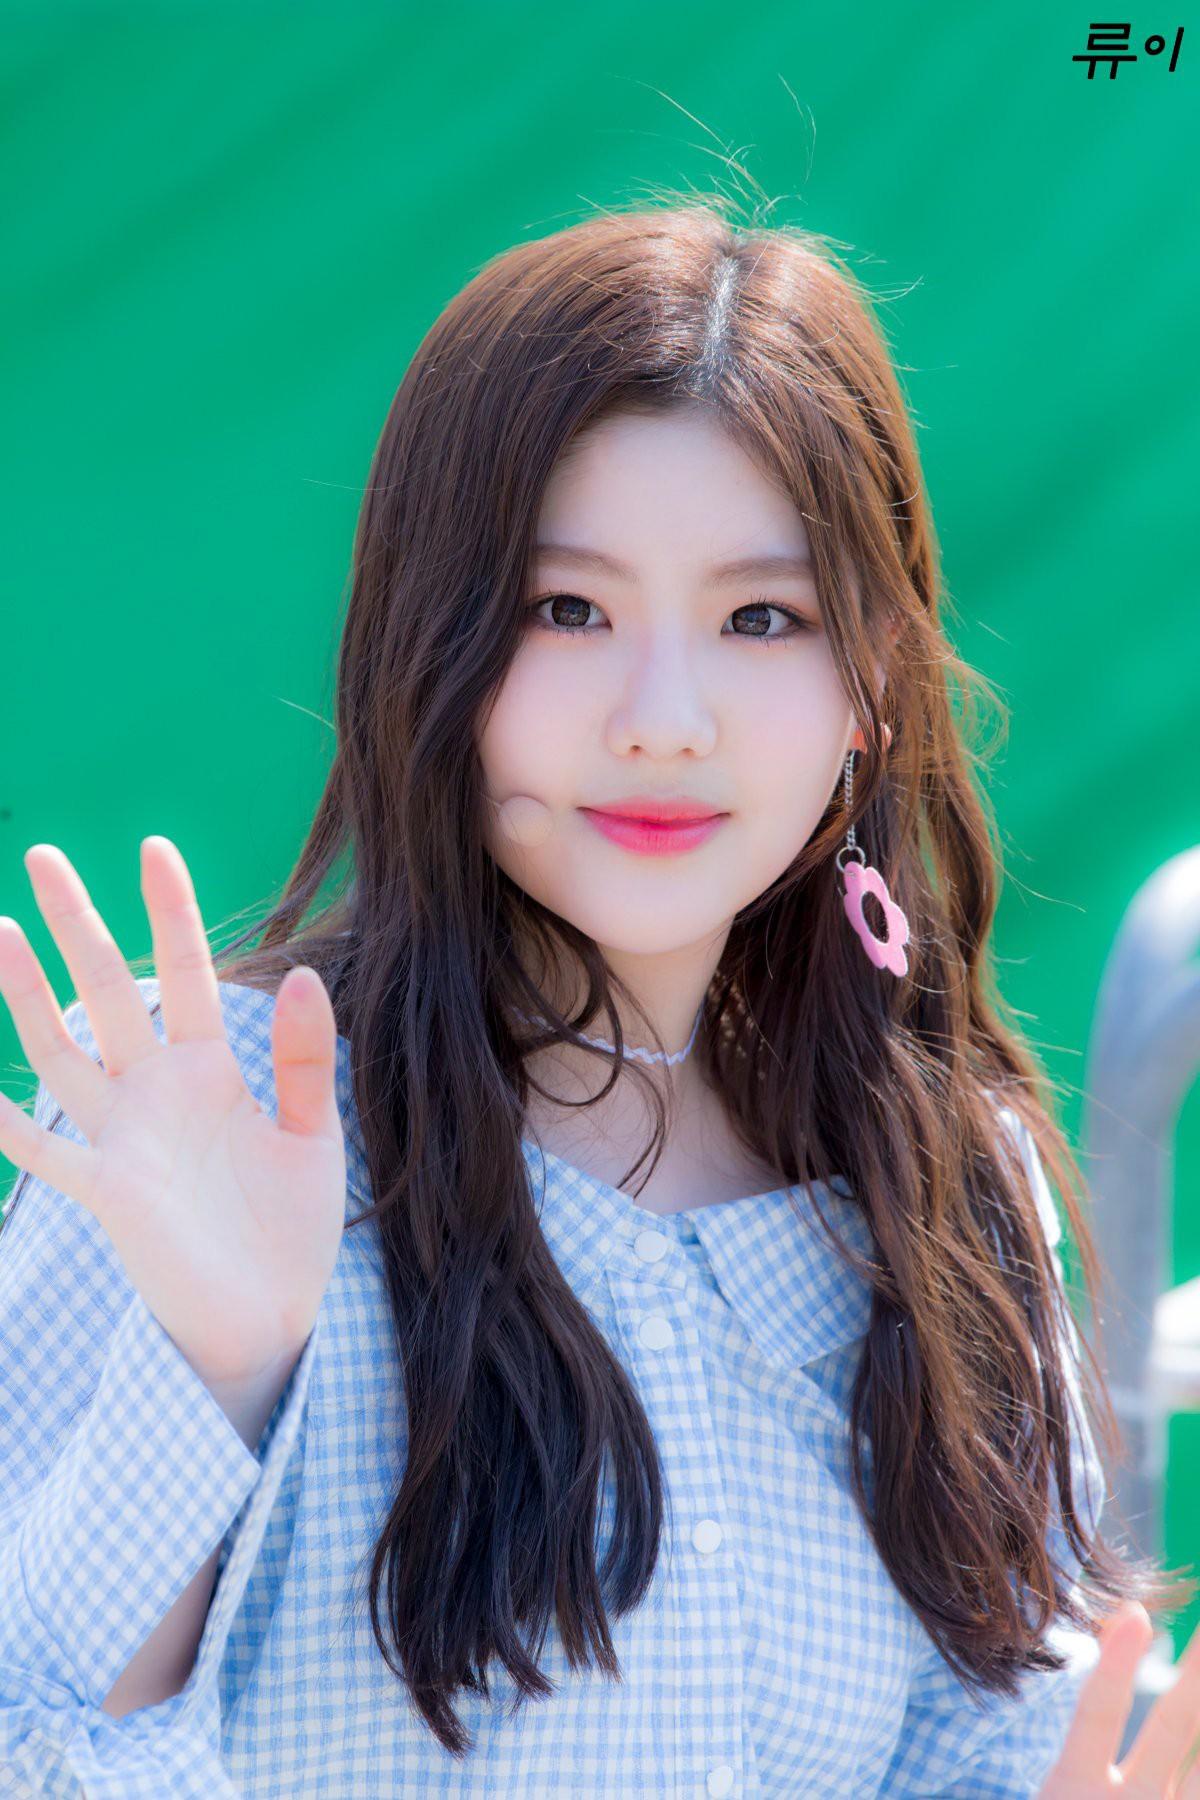 Nam thanh nữ tú thần tượng thế hệ 2000: Ai sẽ là nhân tố đáng mong đợi nhất của làng giải trí xứ Hàn? - Ảnh 35.